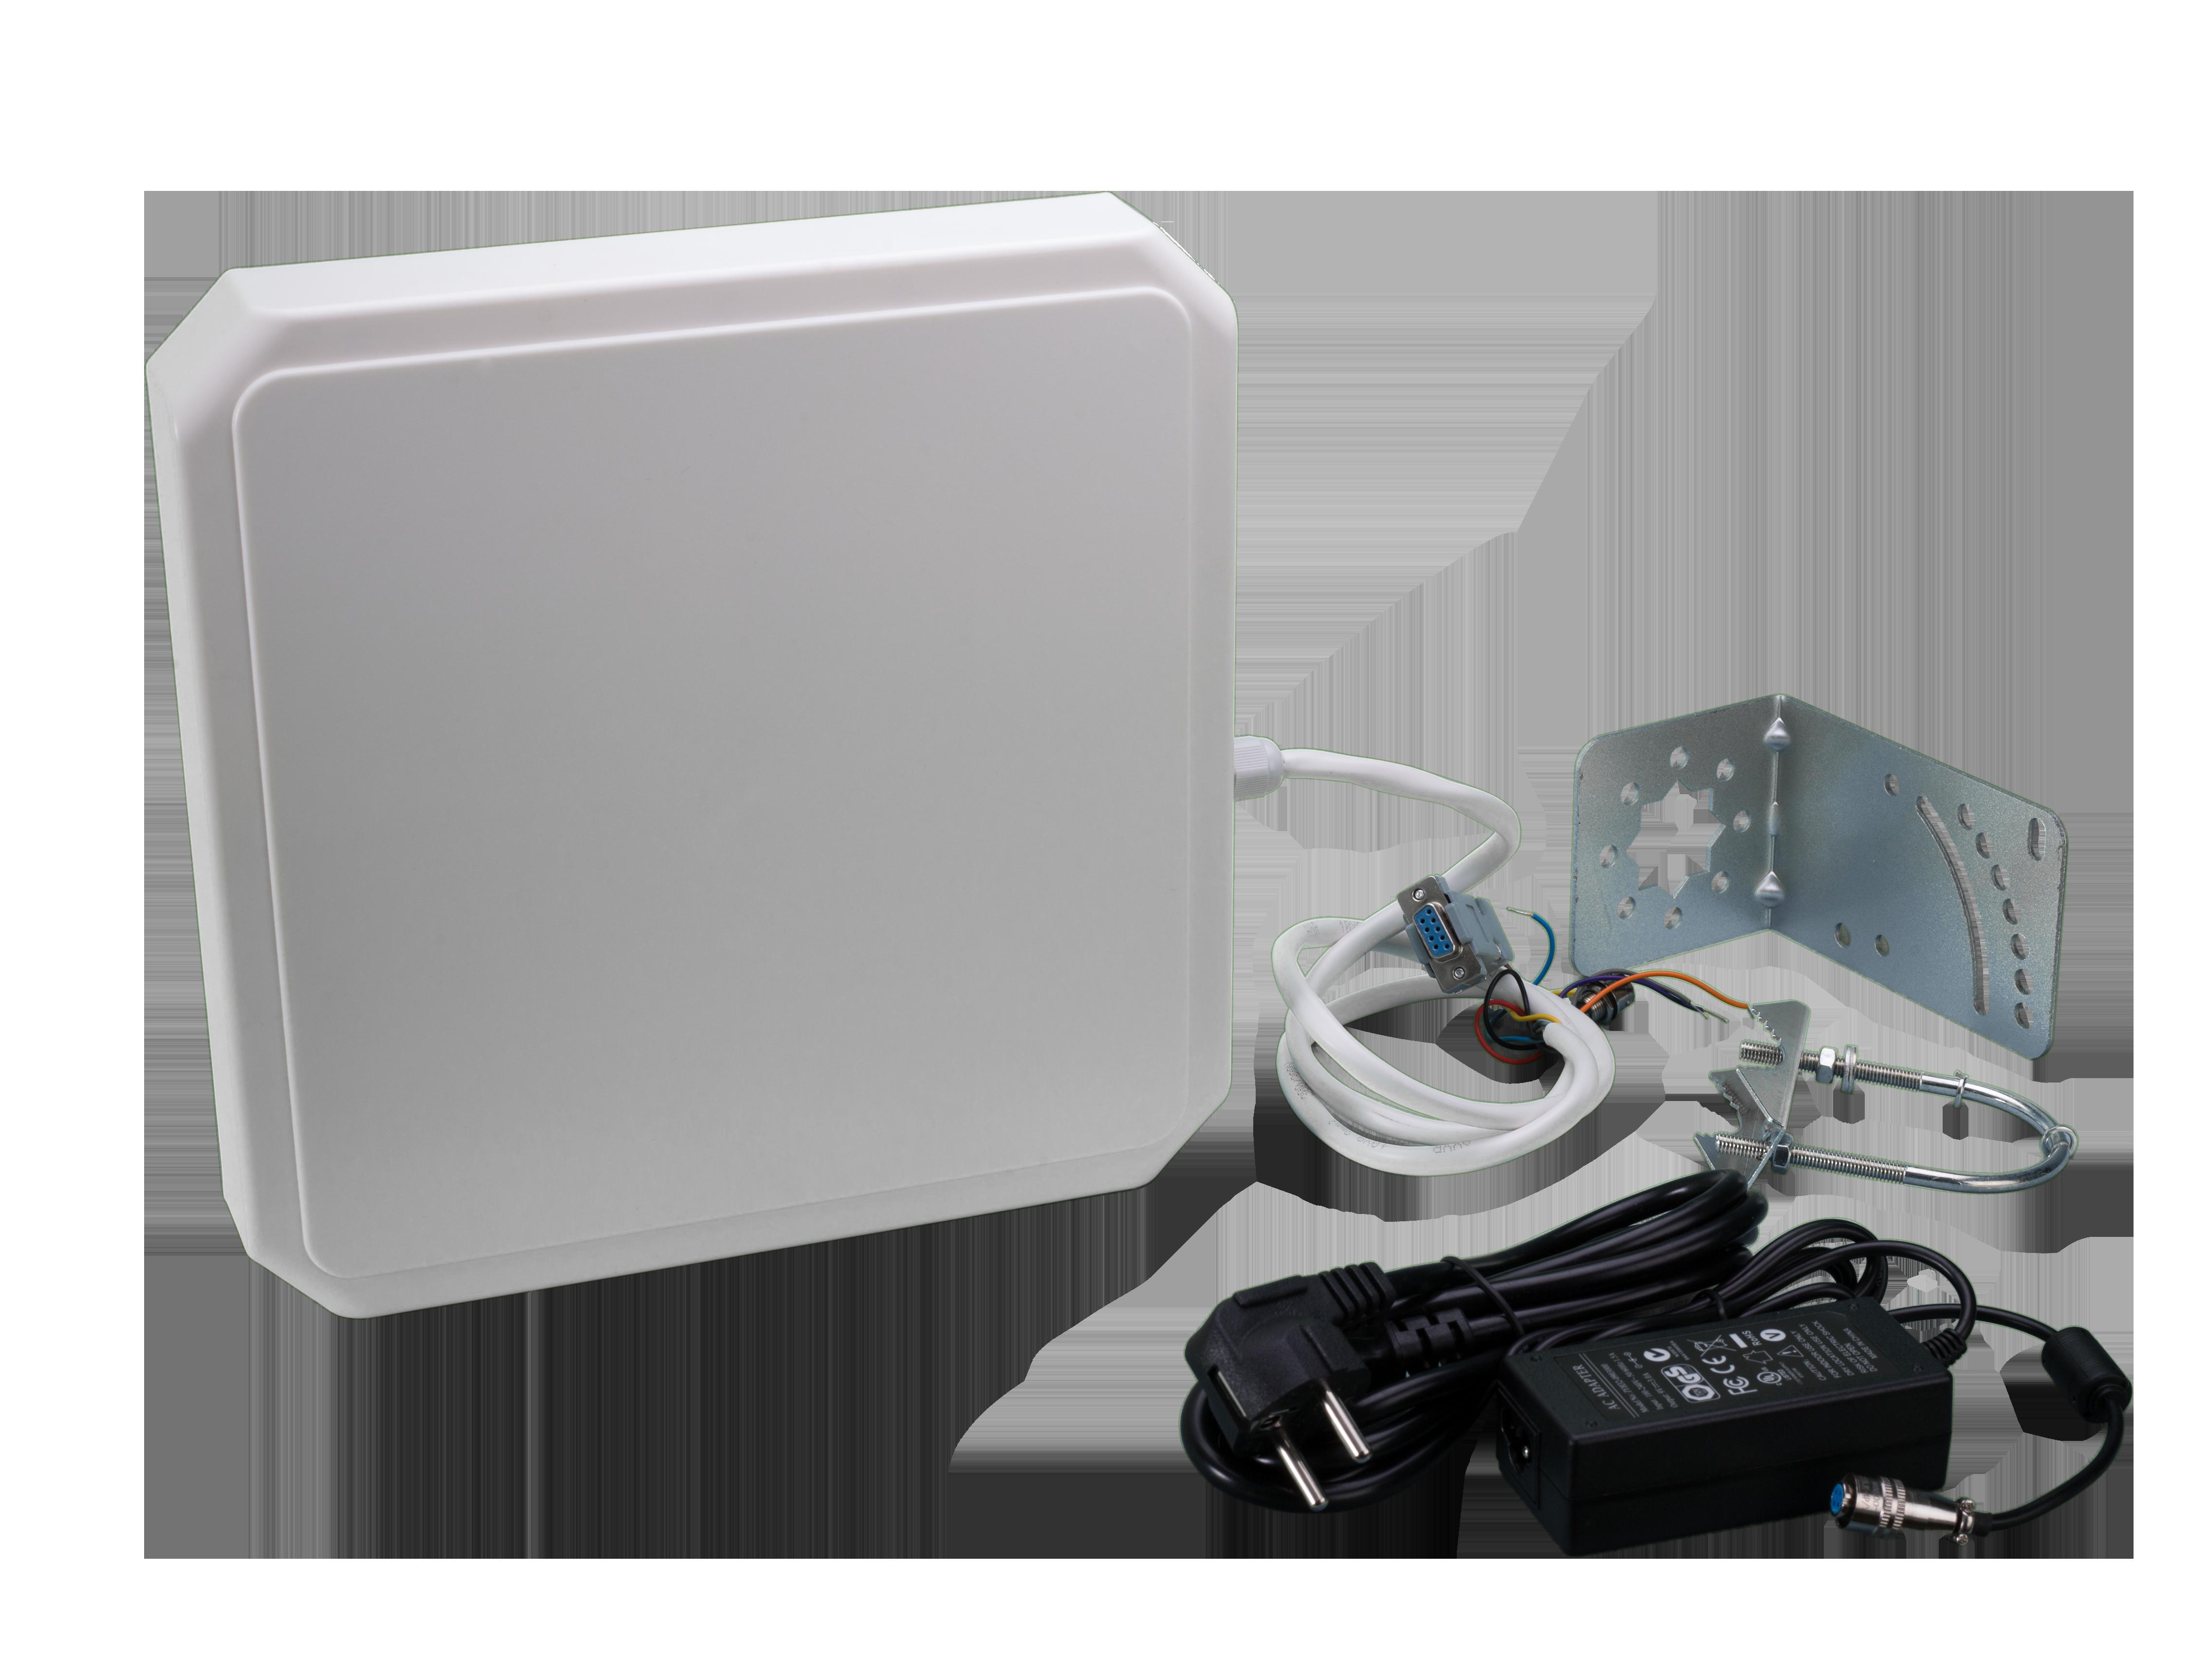 Интегрированный считыватель RFID меток большого радиуса действия UHF RFID NT-5109